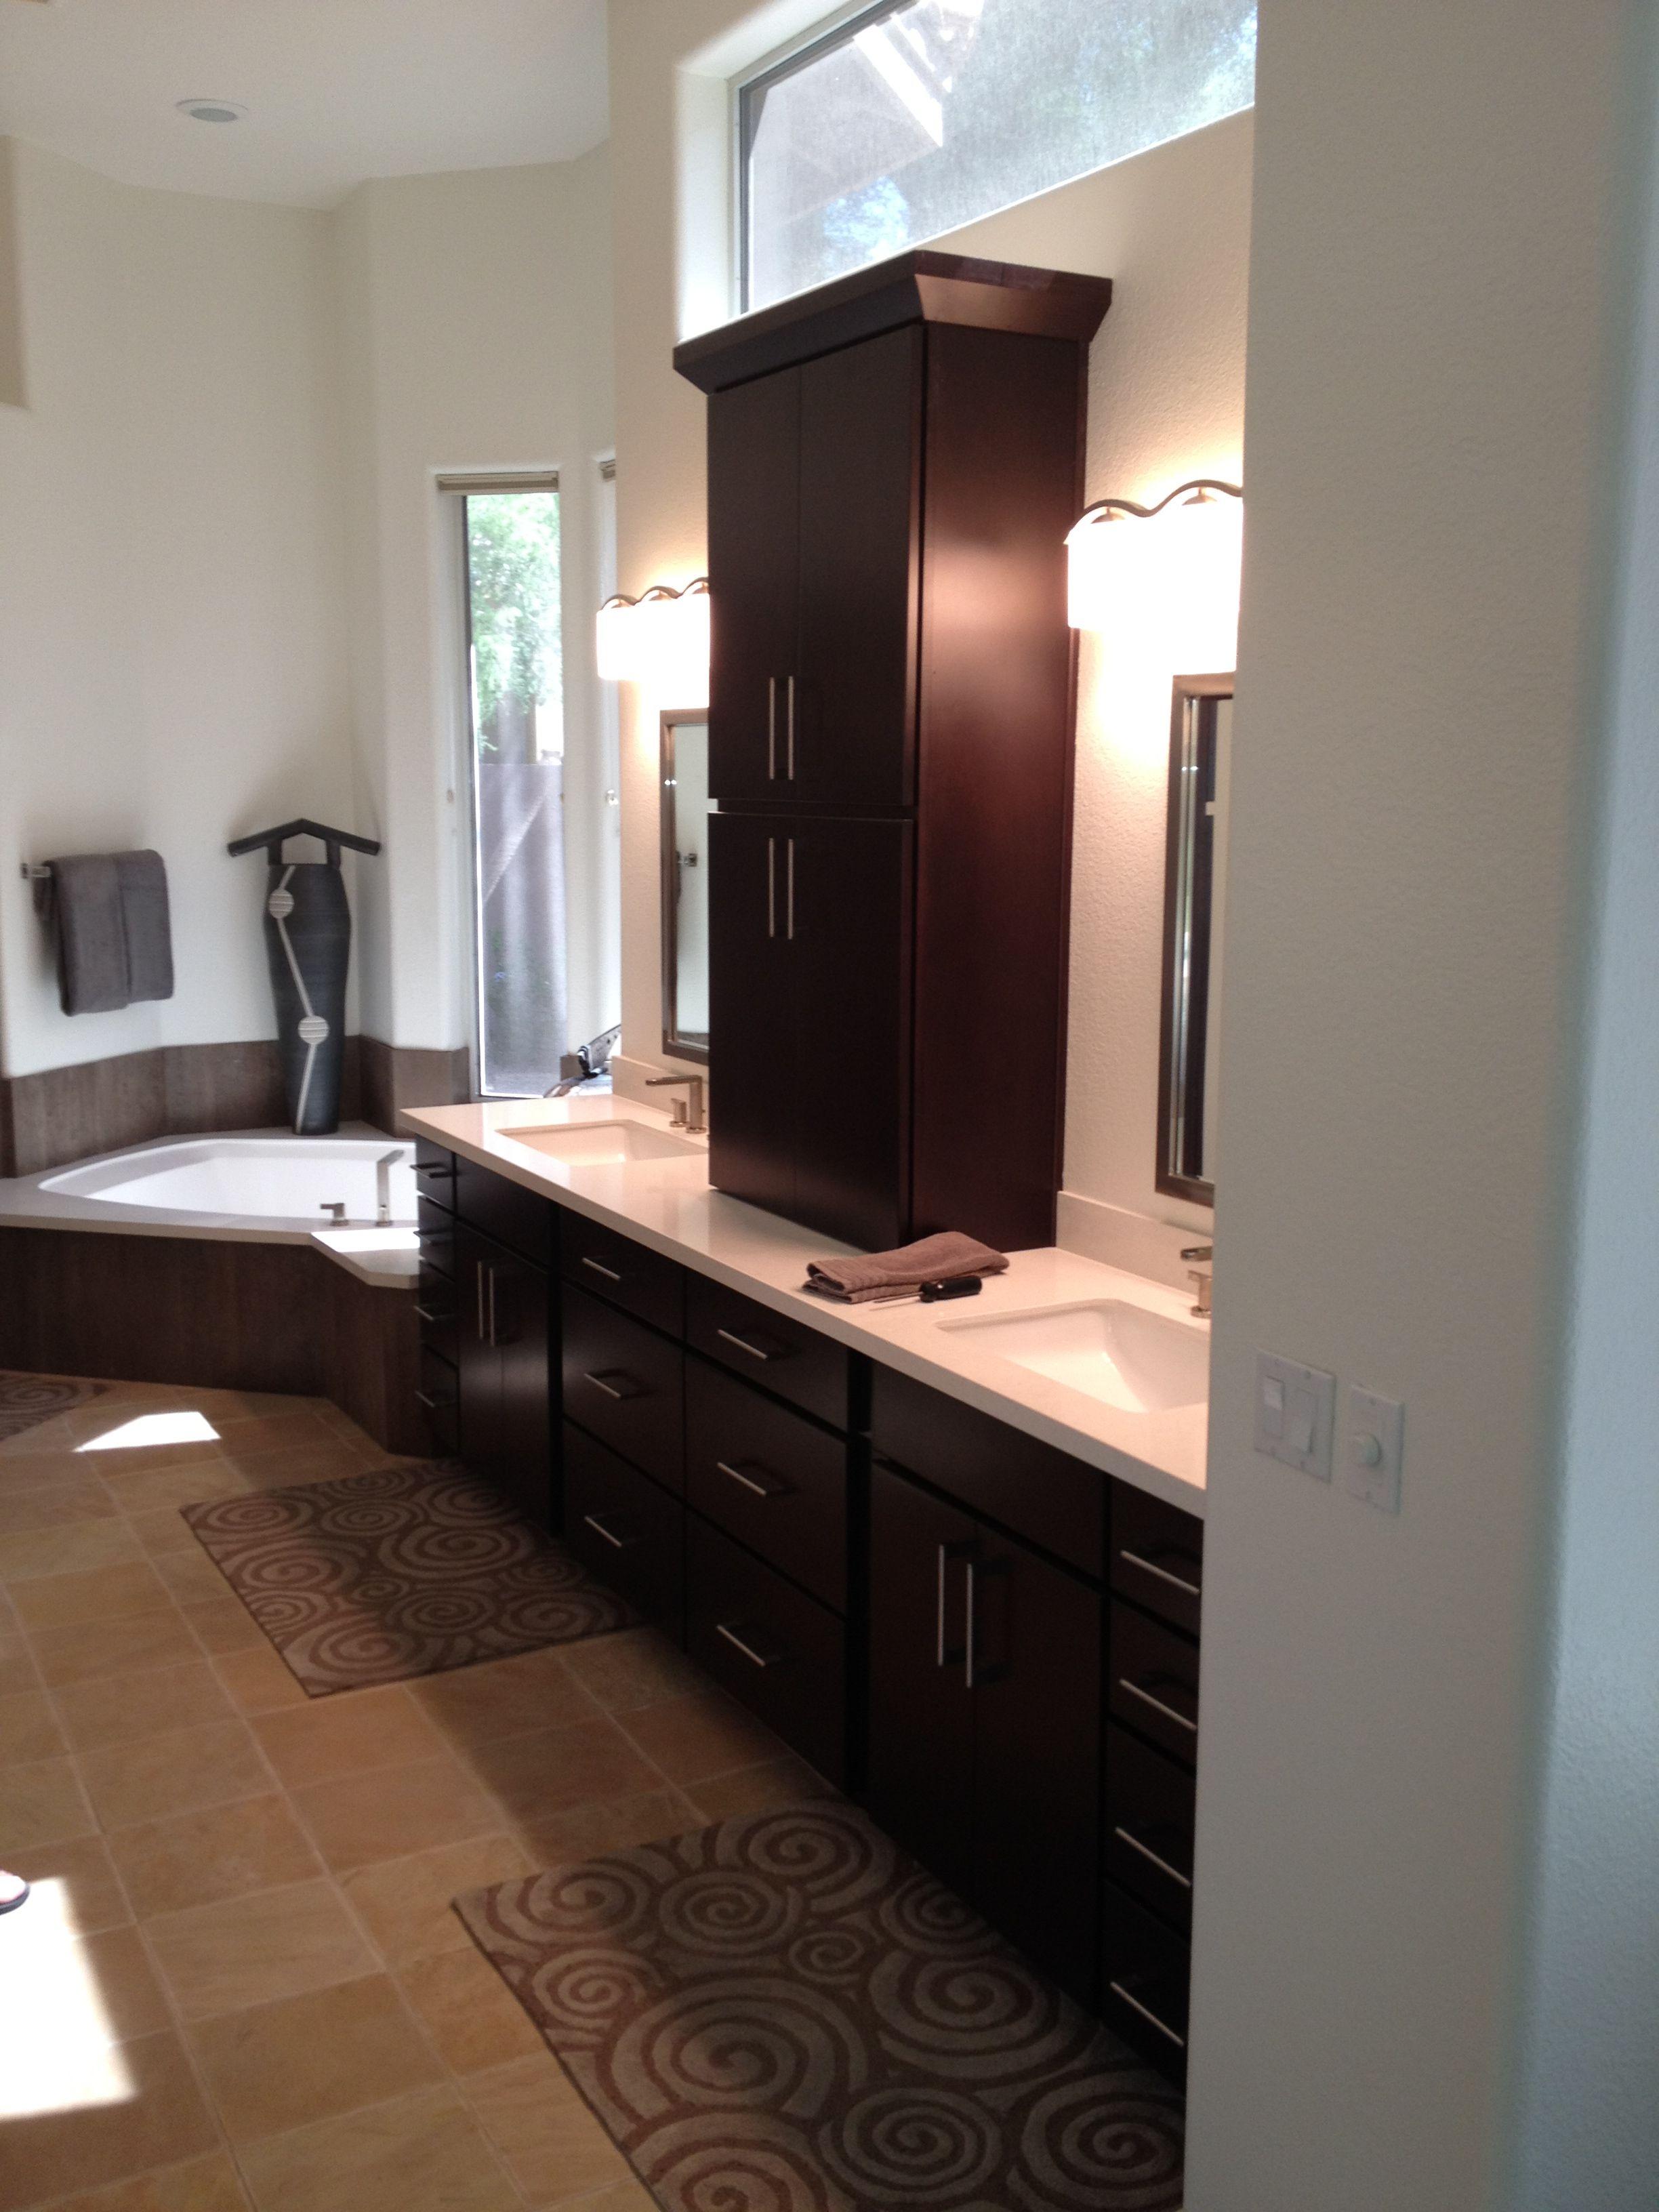 Home Contemporary Master Bathroom Custom Kitchens Design